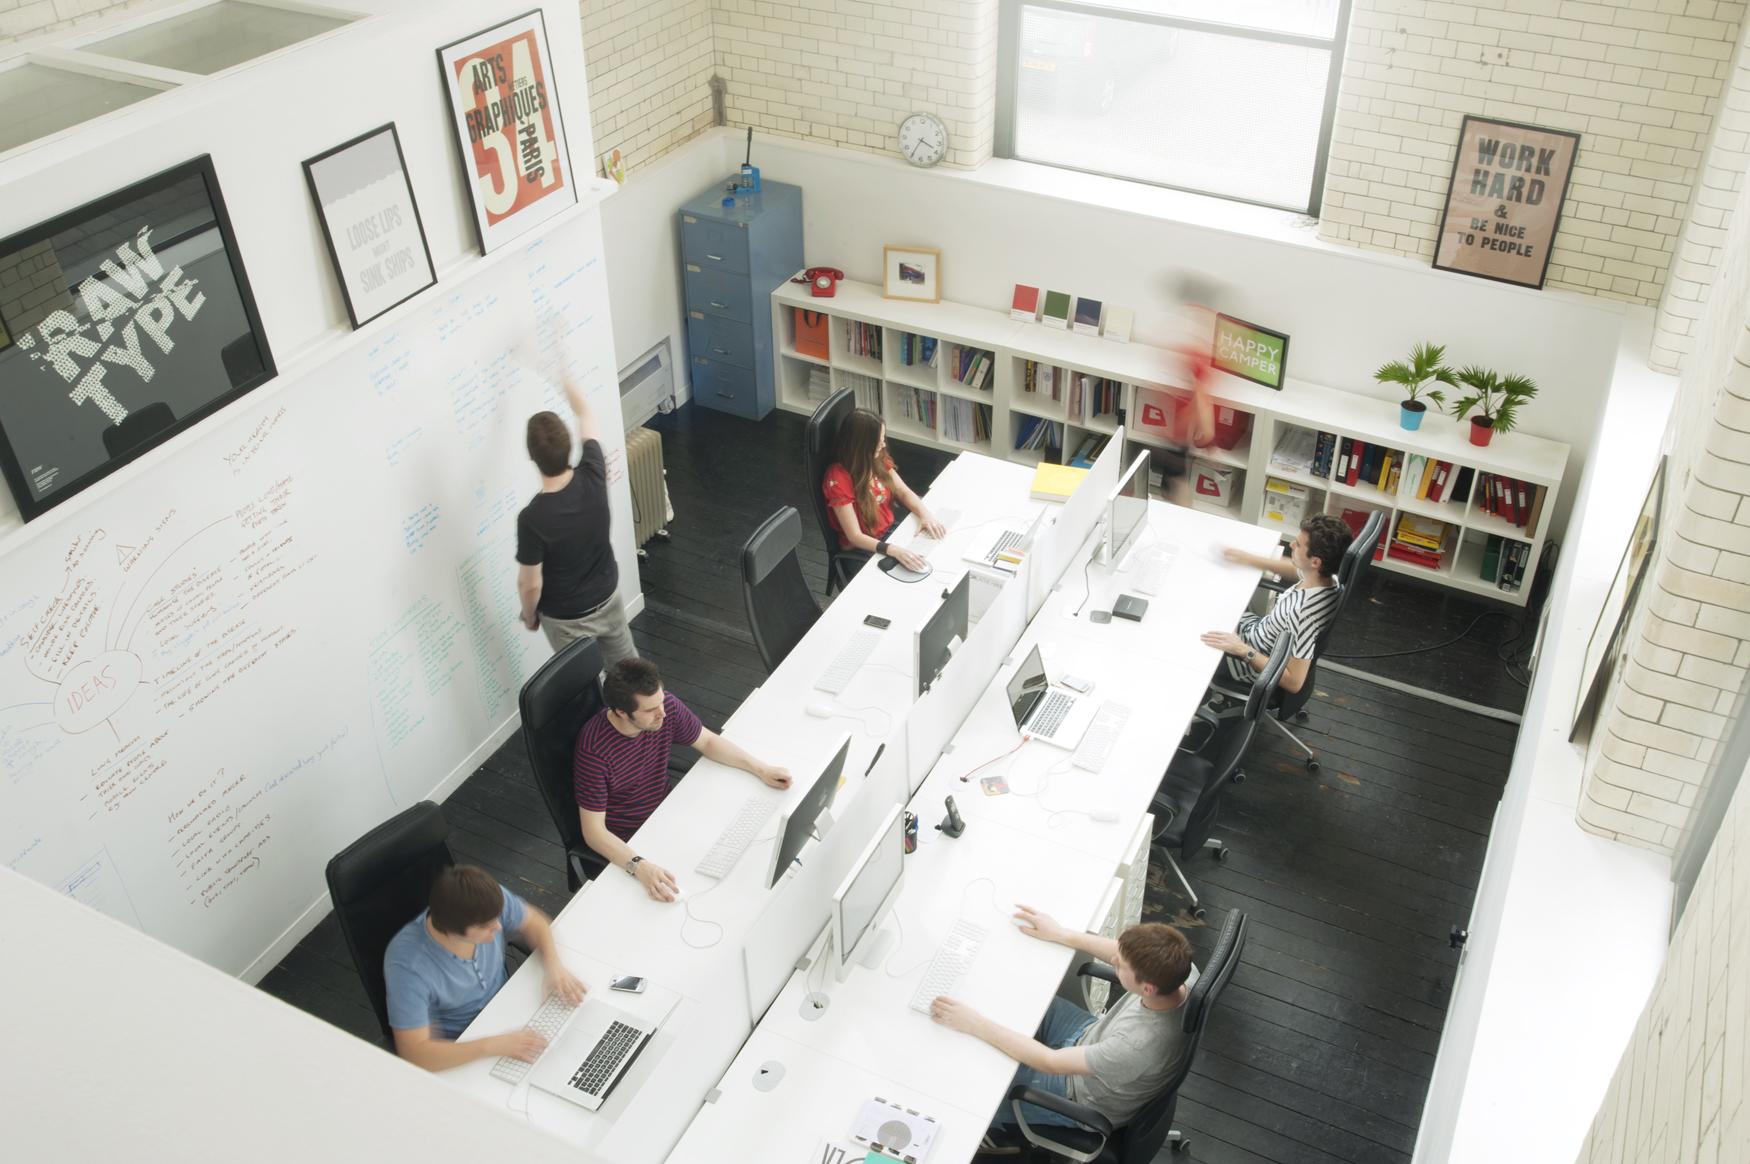 Escritório multifuncional com cadeiras com encosto para cabeça